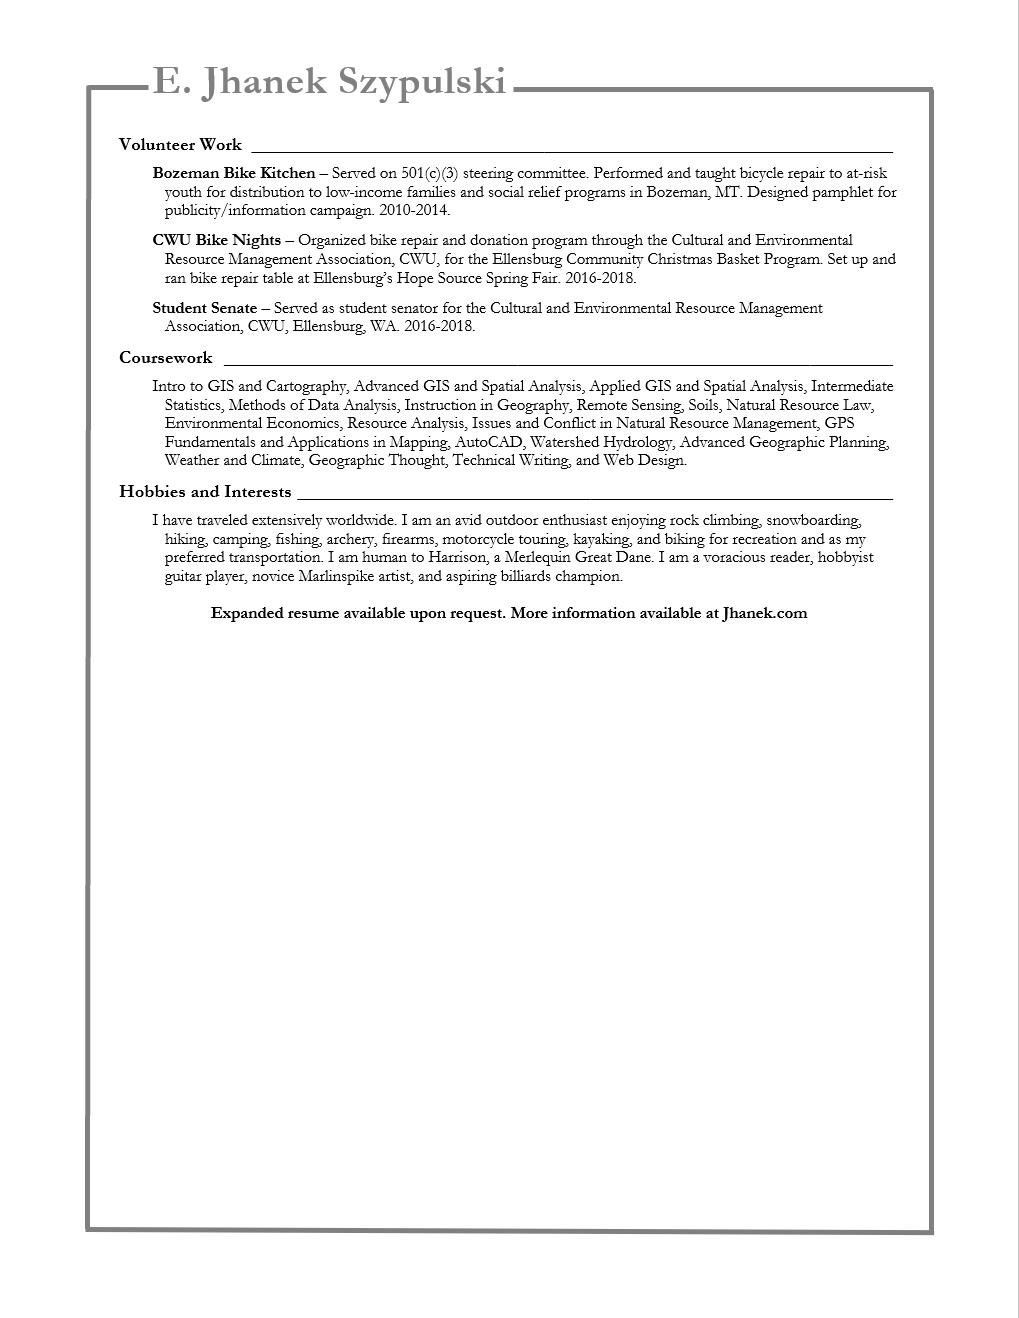 Jhanek Szypulski - Resume pg 3